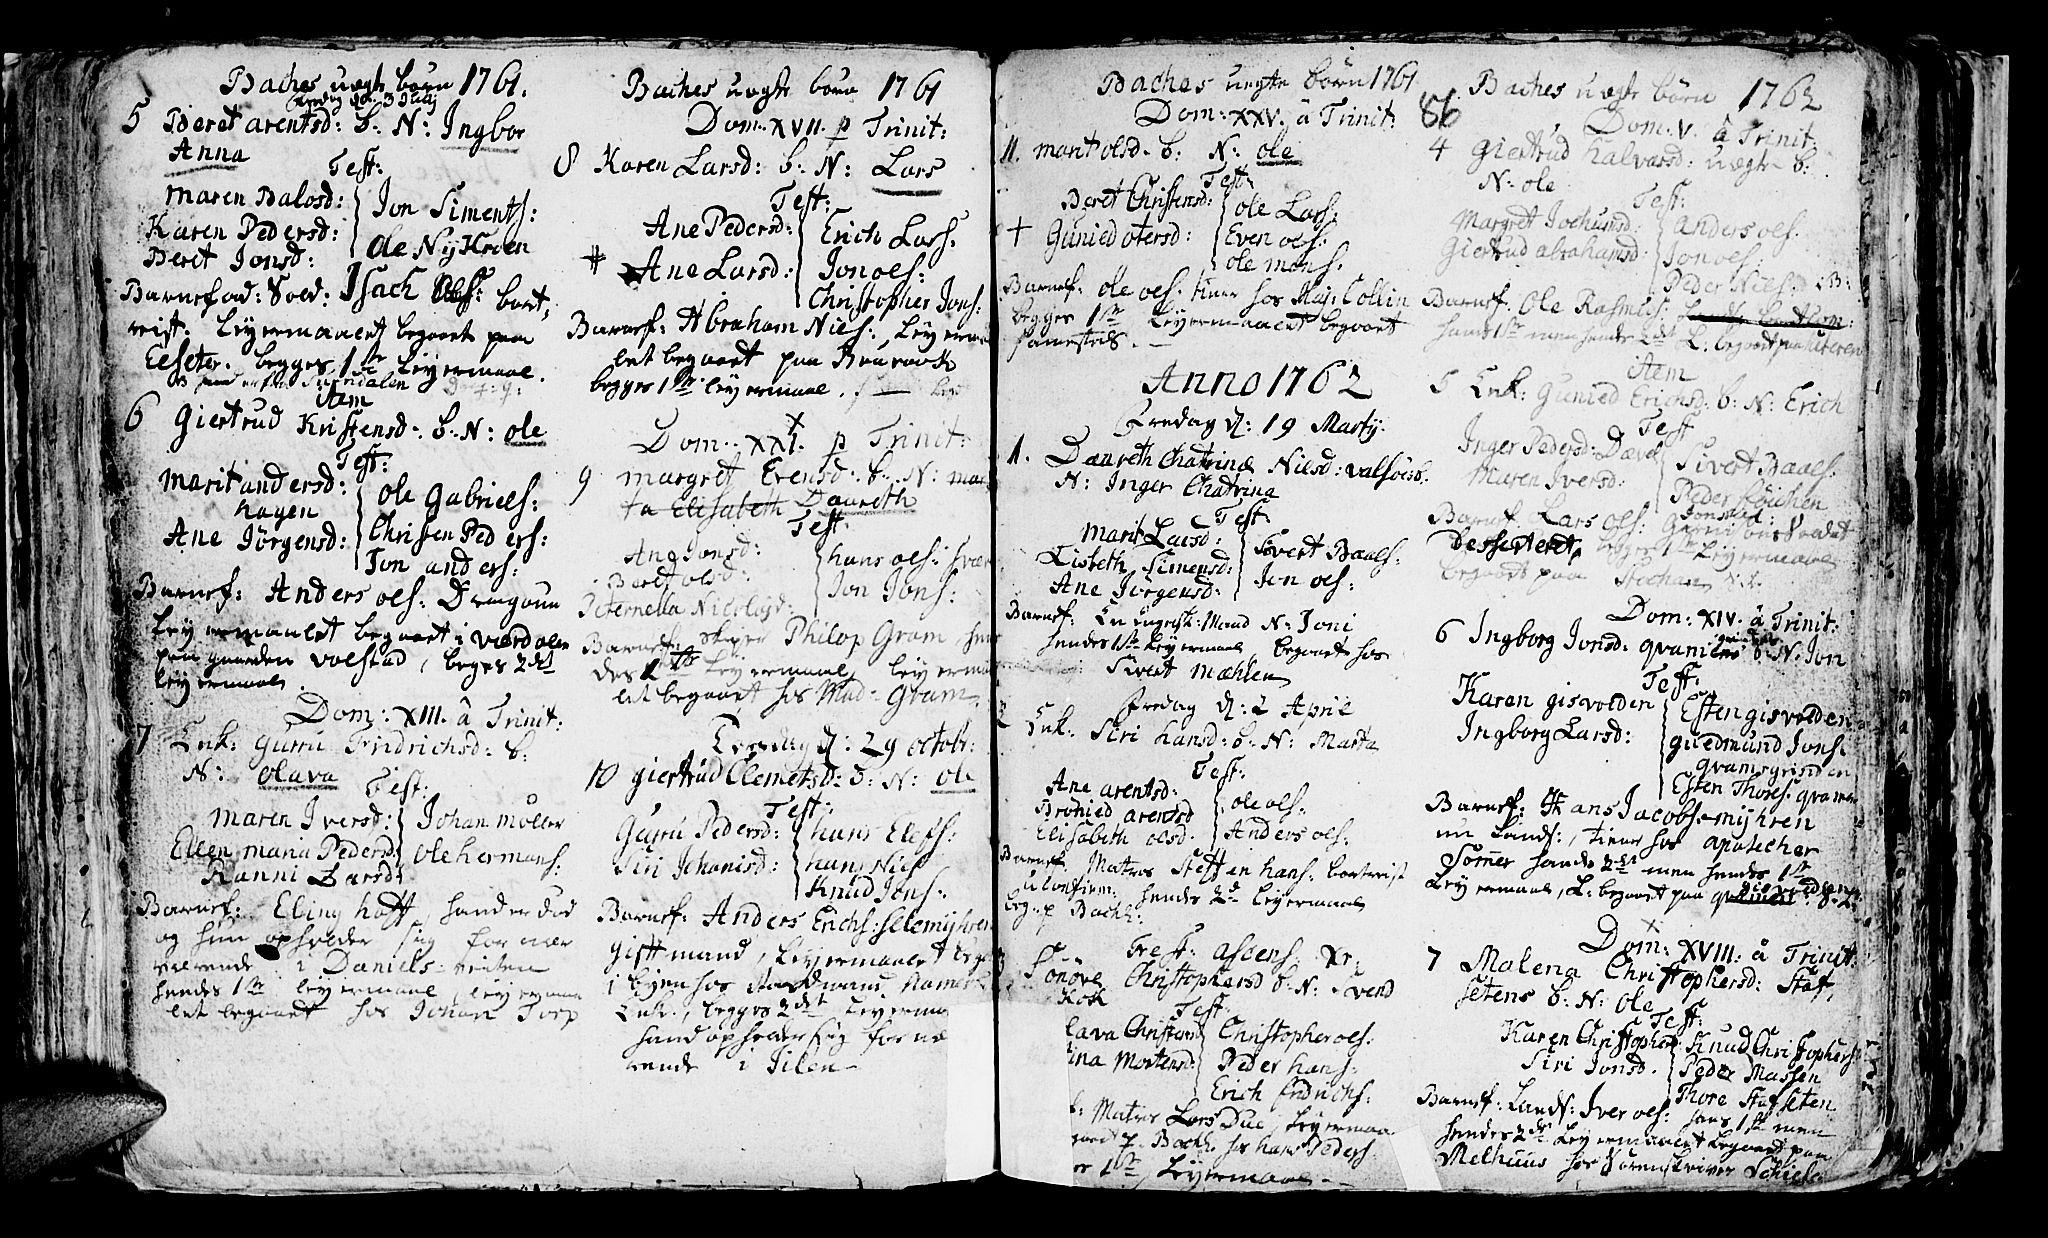 SAT, Ministerialprotokoller, klokkerbøker og fødselsregistre - Sør-Trøndelag, 604/L0218: Klokkerbok nr. 604C01, 1754-1819, s. 86